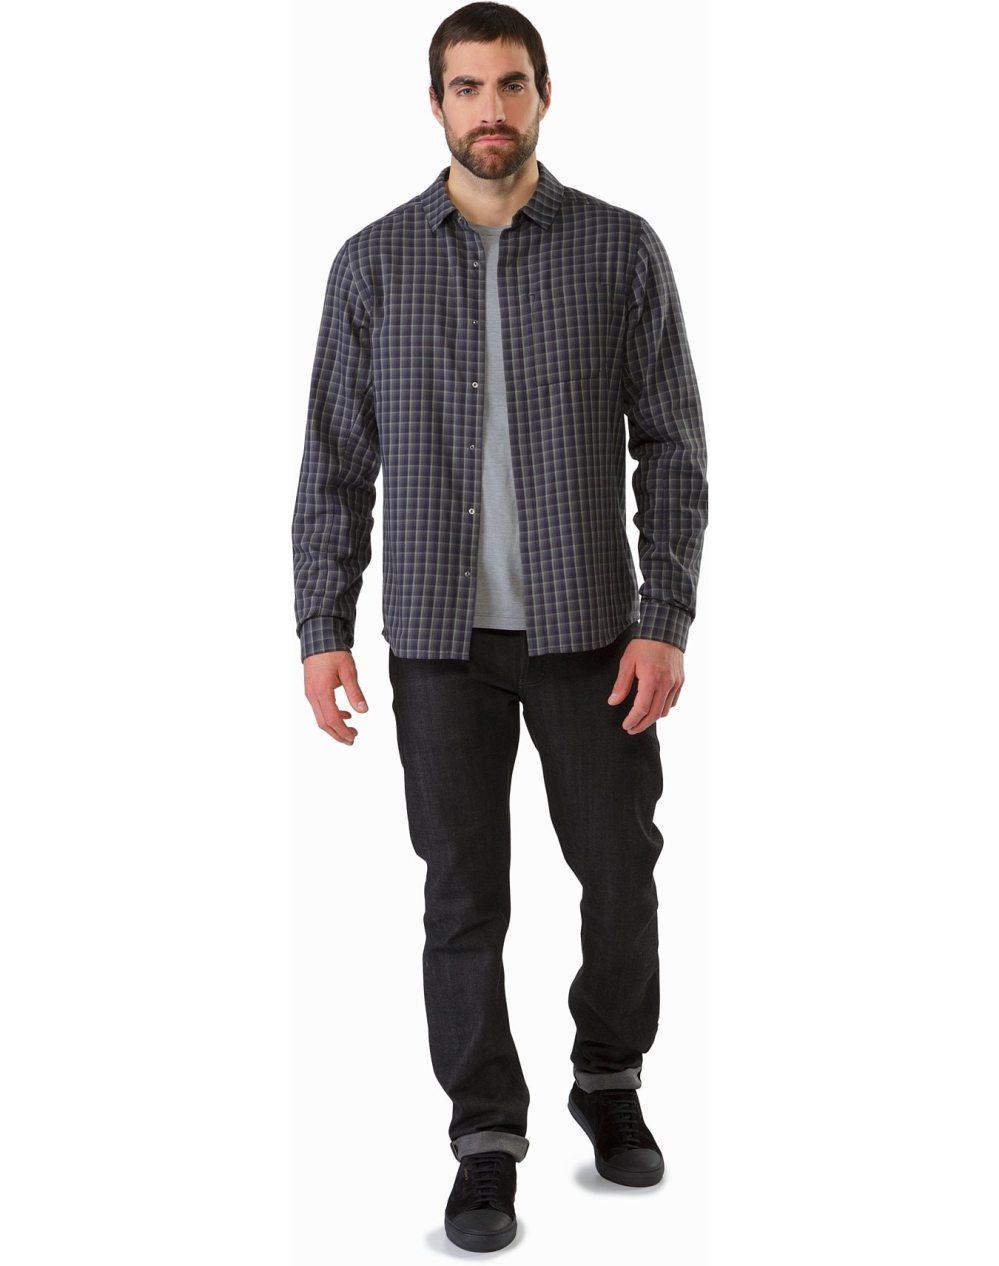 Bernal-Shirt-LS-Cartograph-Front-View